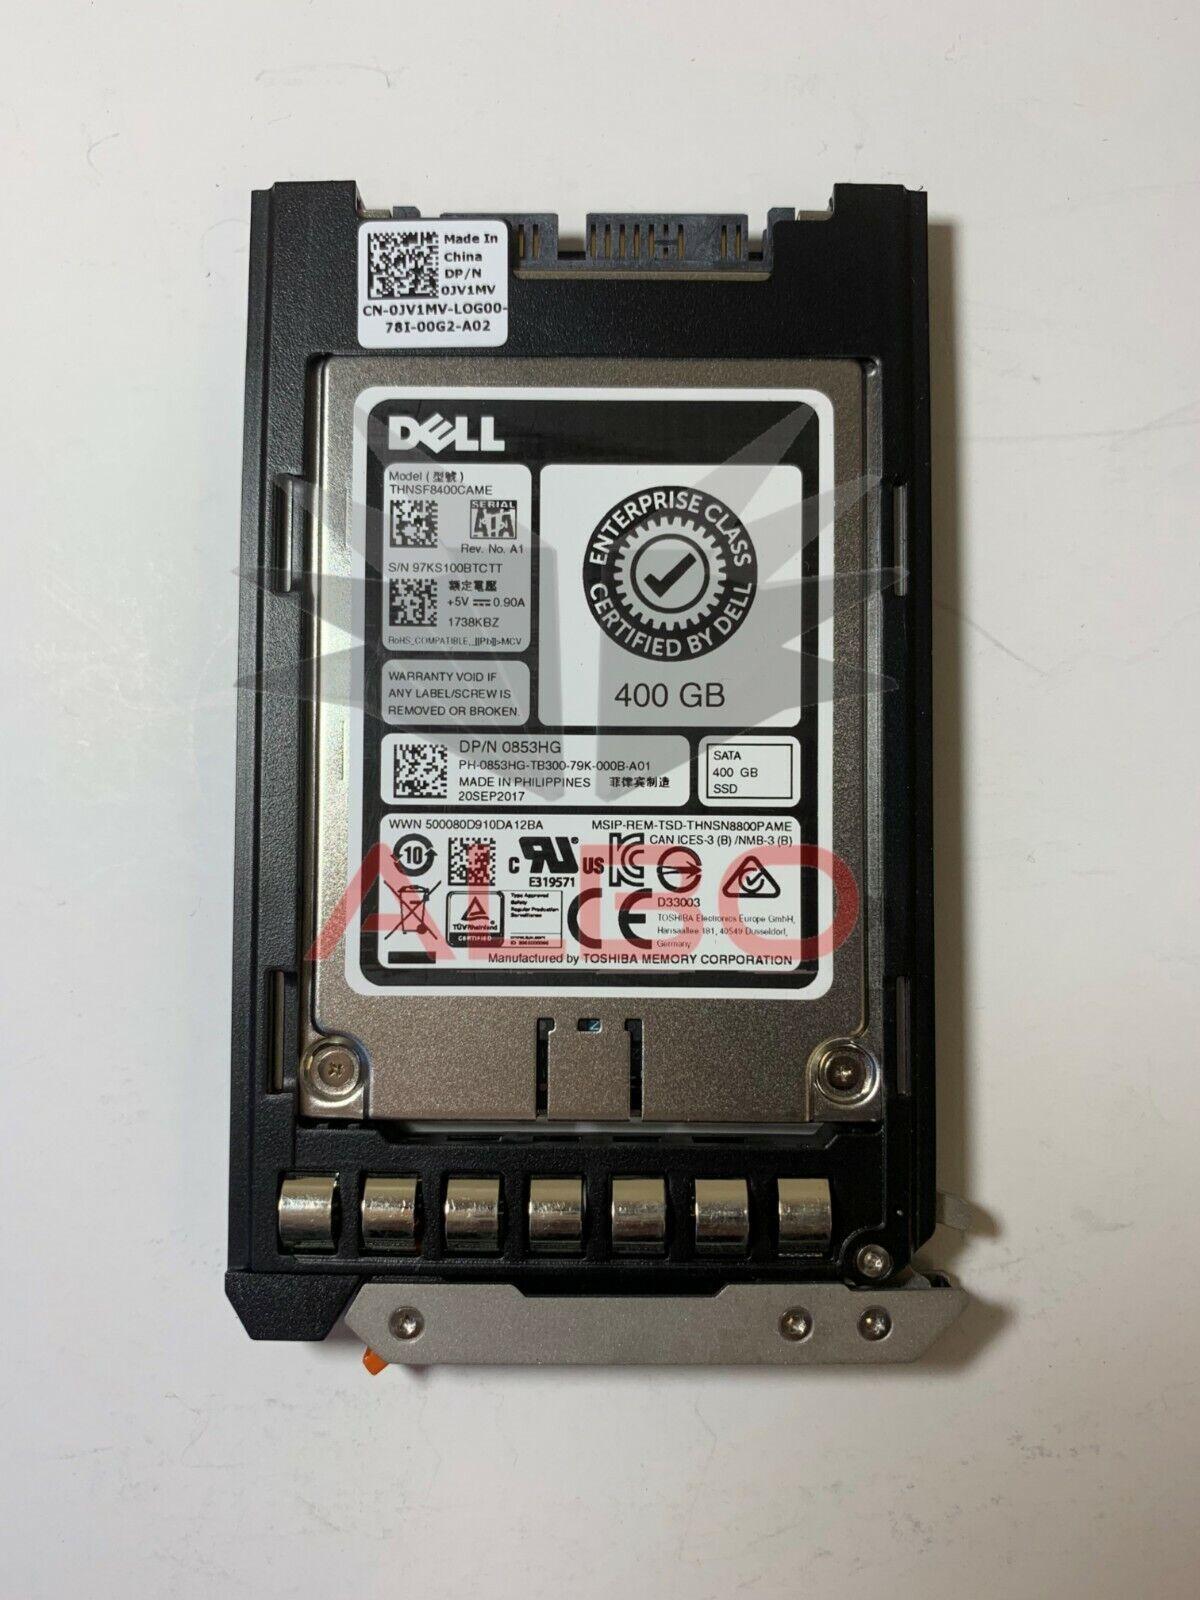 1TB SSD Solid State Drive for Dell Dimension E520 E521 8400 9100 9150 Desktop